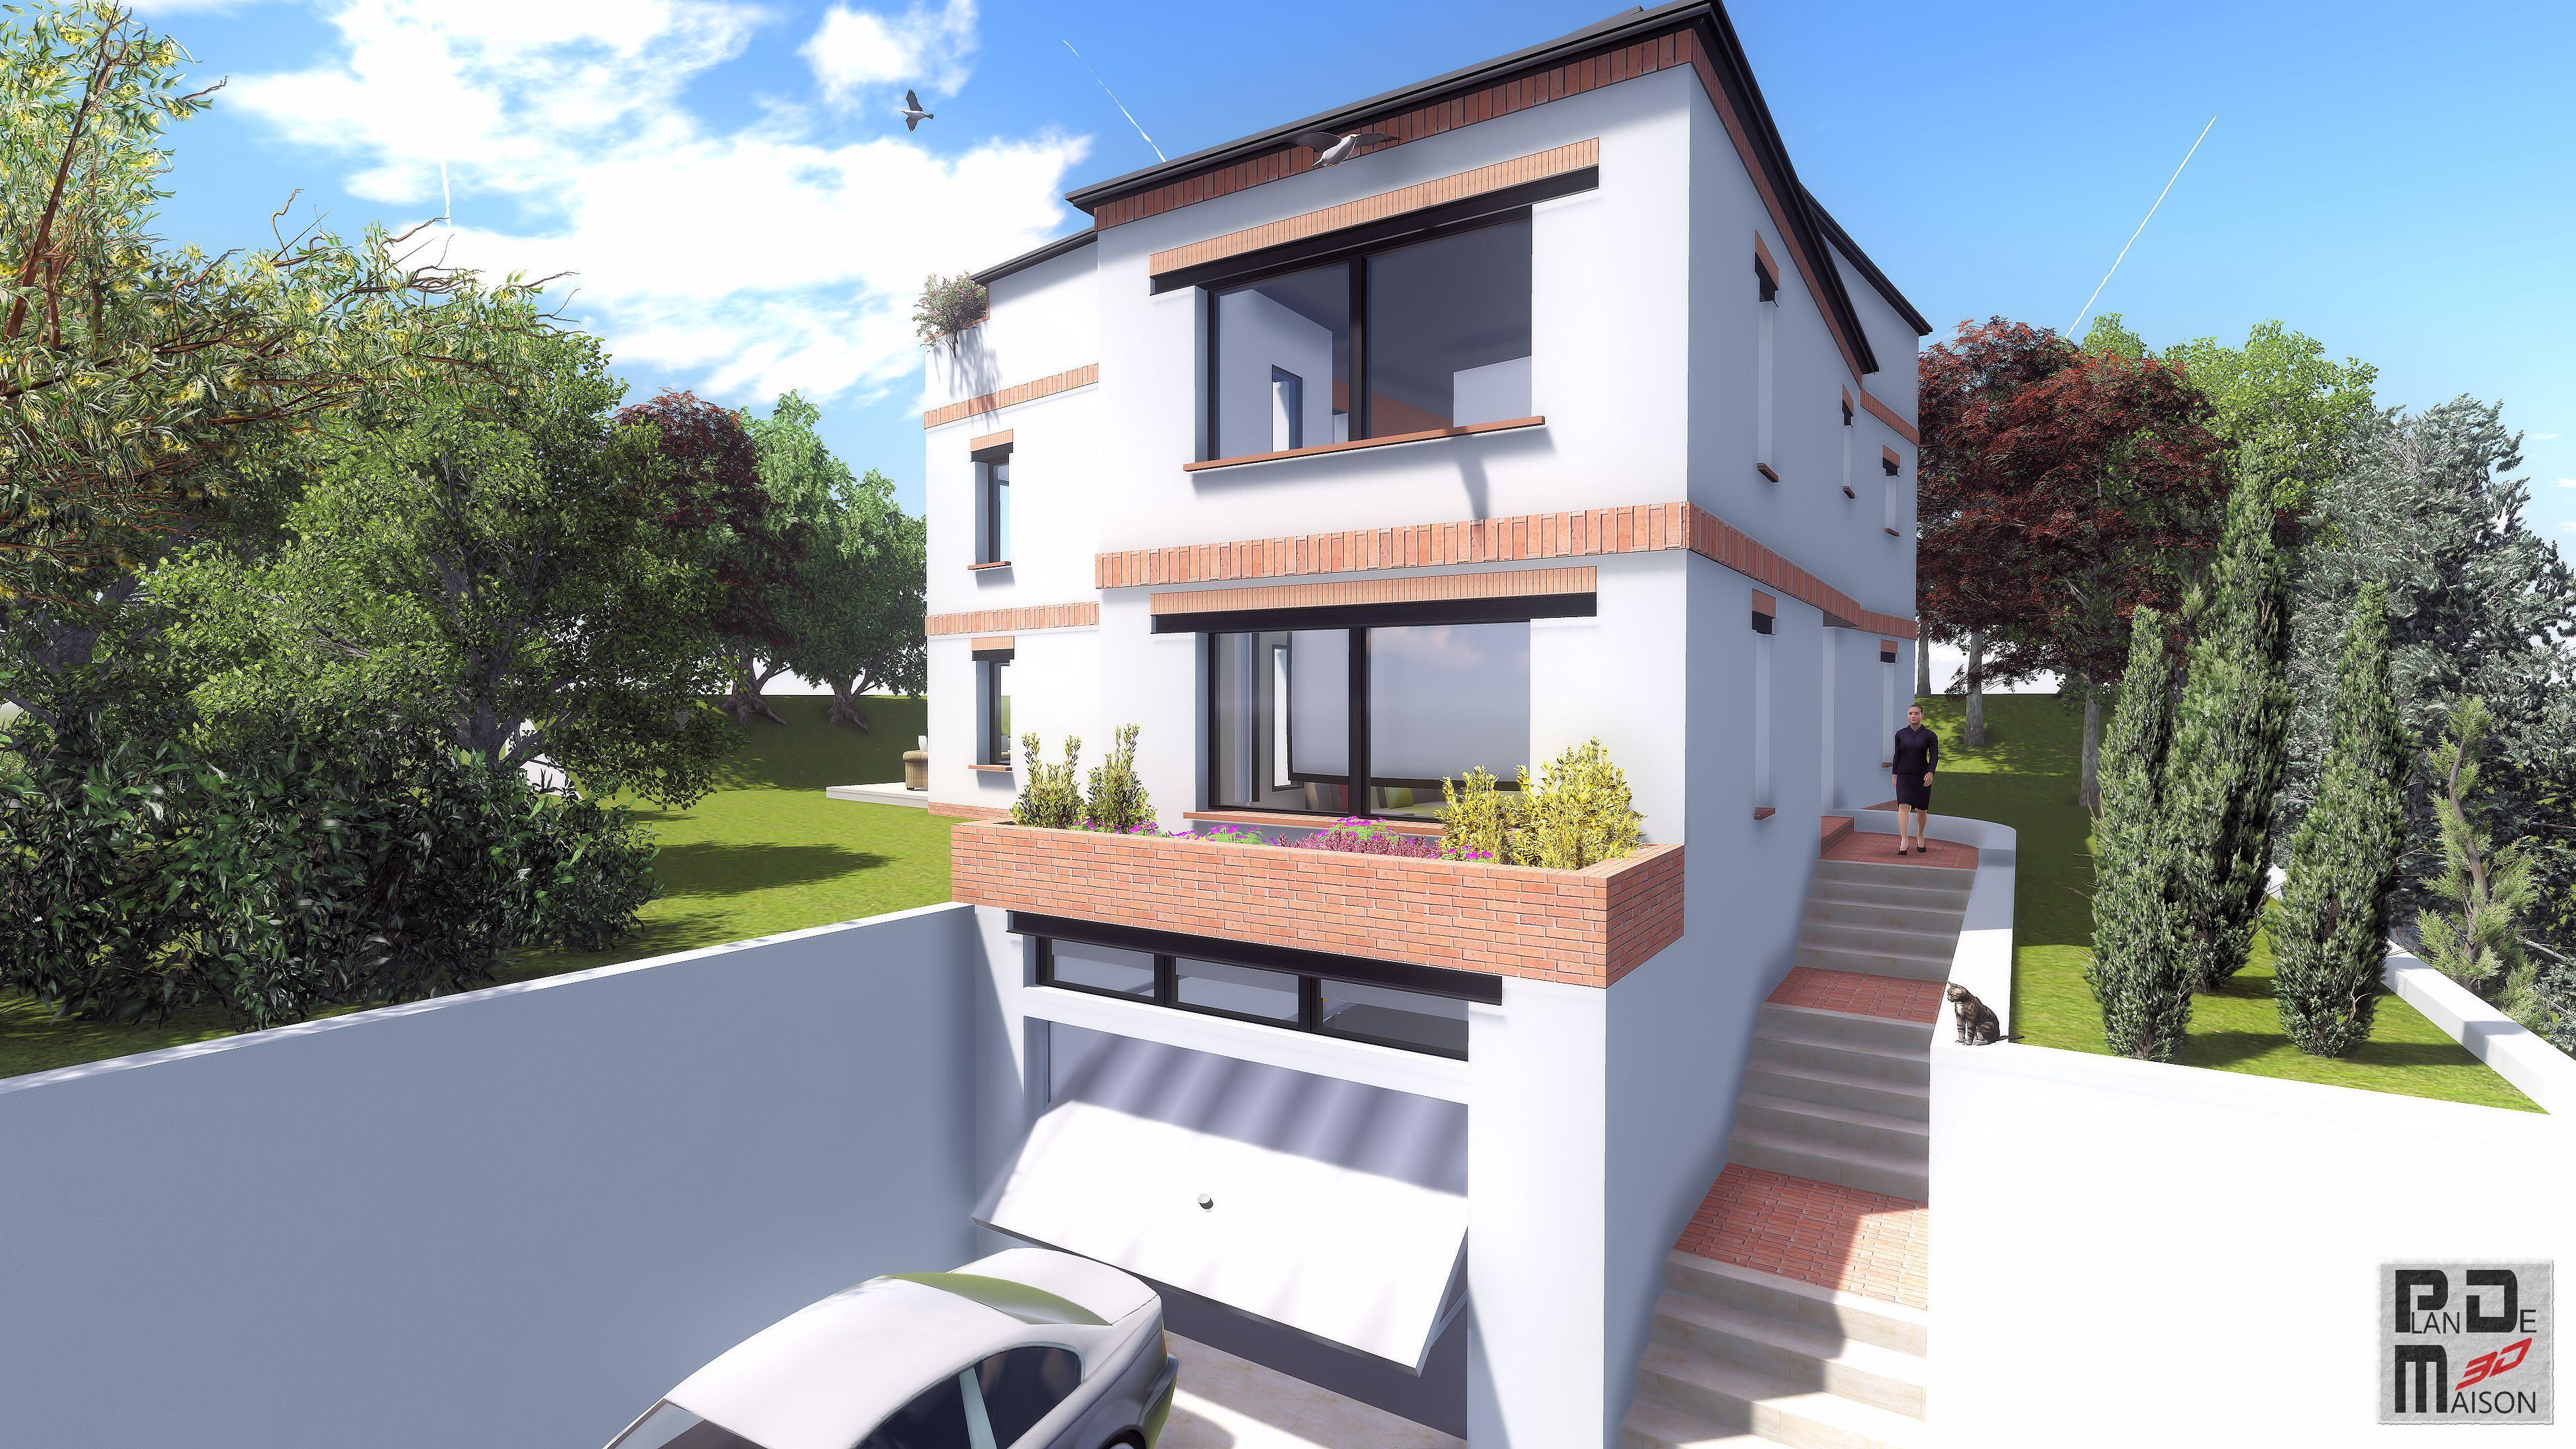 Image maison 3d permis de construire plan maison 3d for Construire maison 3d